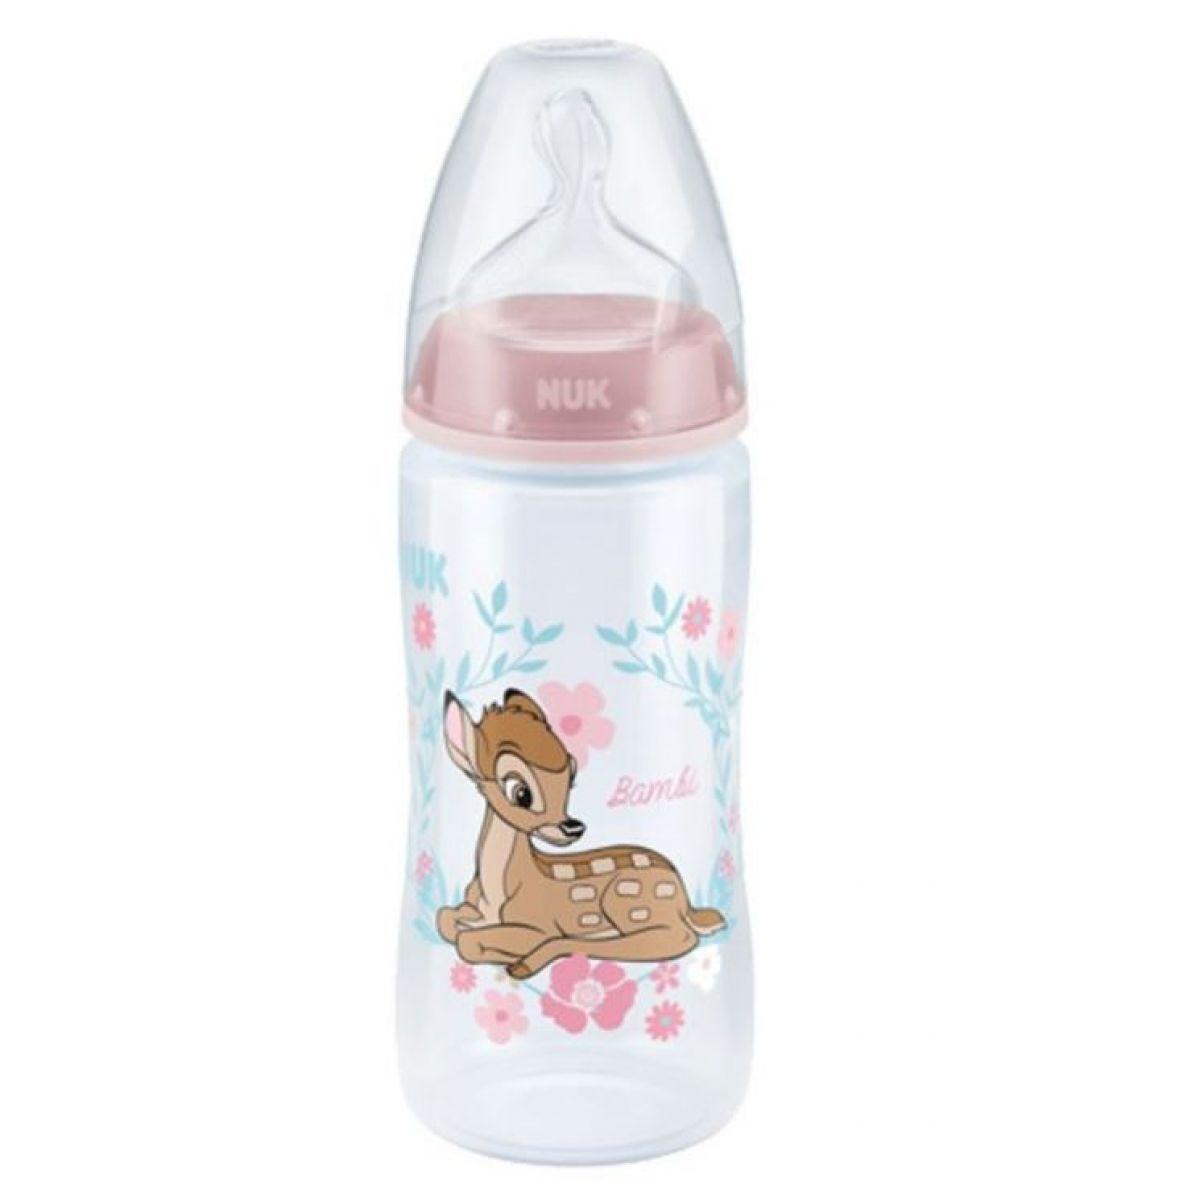 NUK Dojčenská fľaša First Choice Disney ružová 300 ml